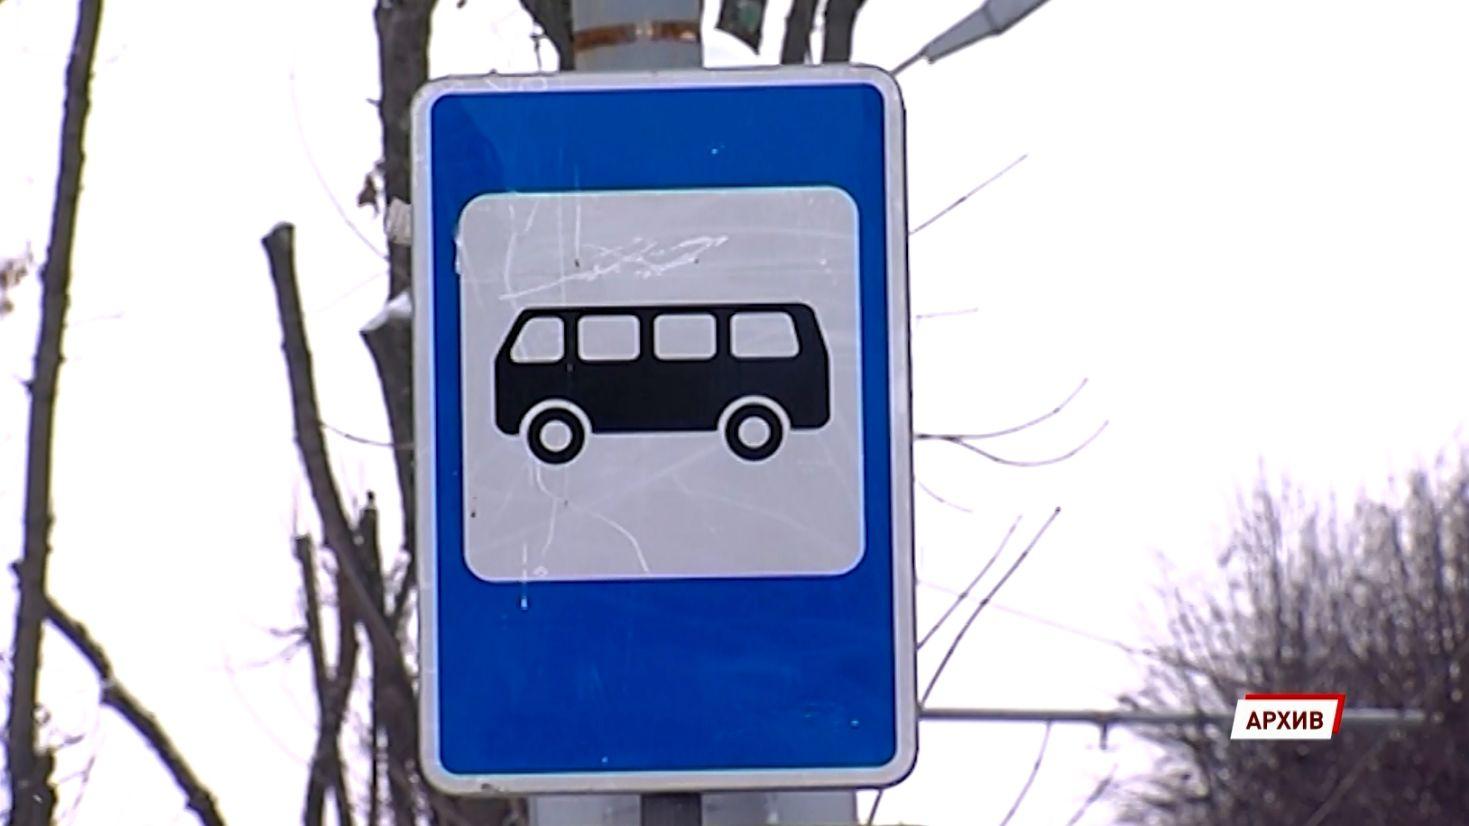 В Рыбинске проходят проверки автобусов на технические неисправности